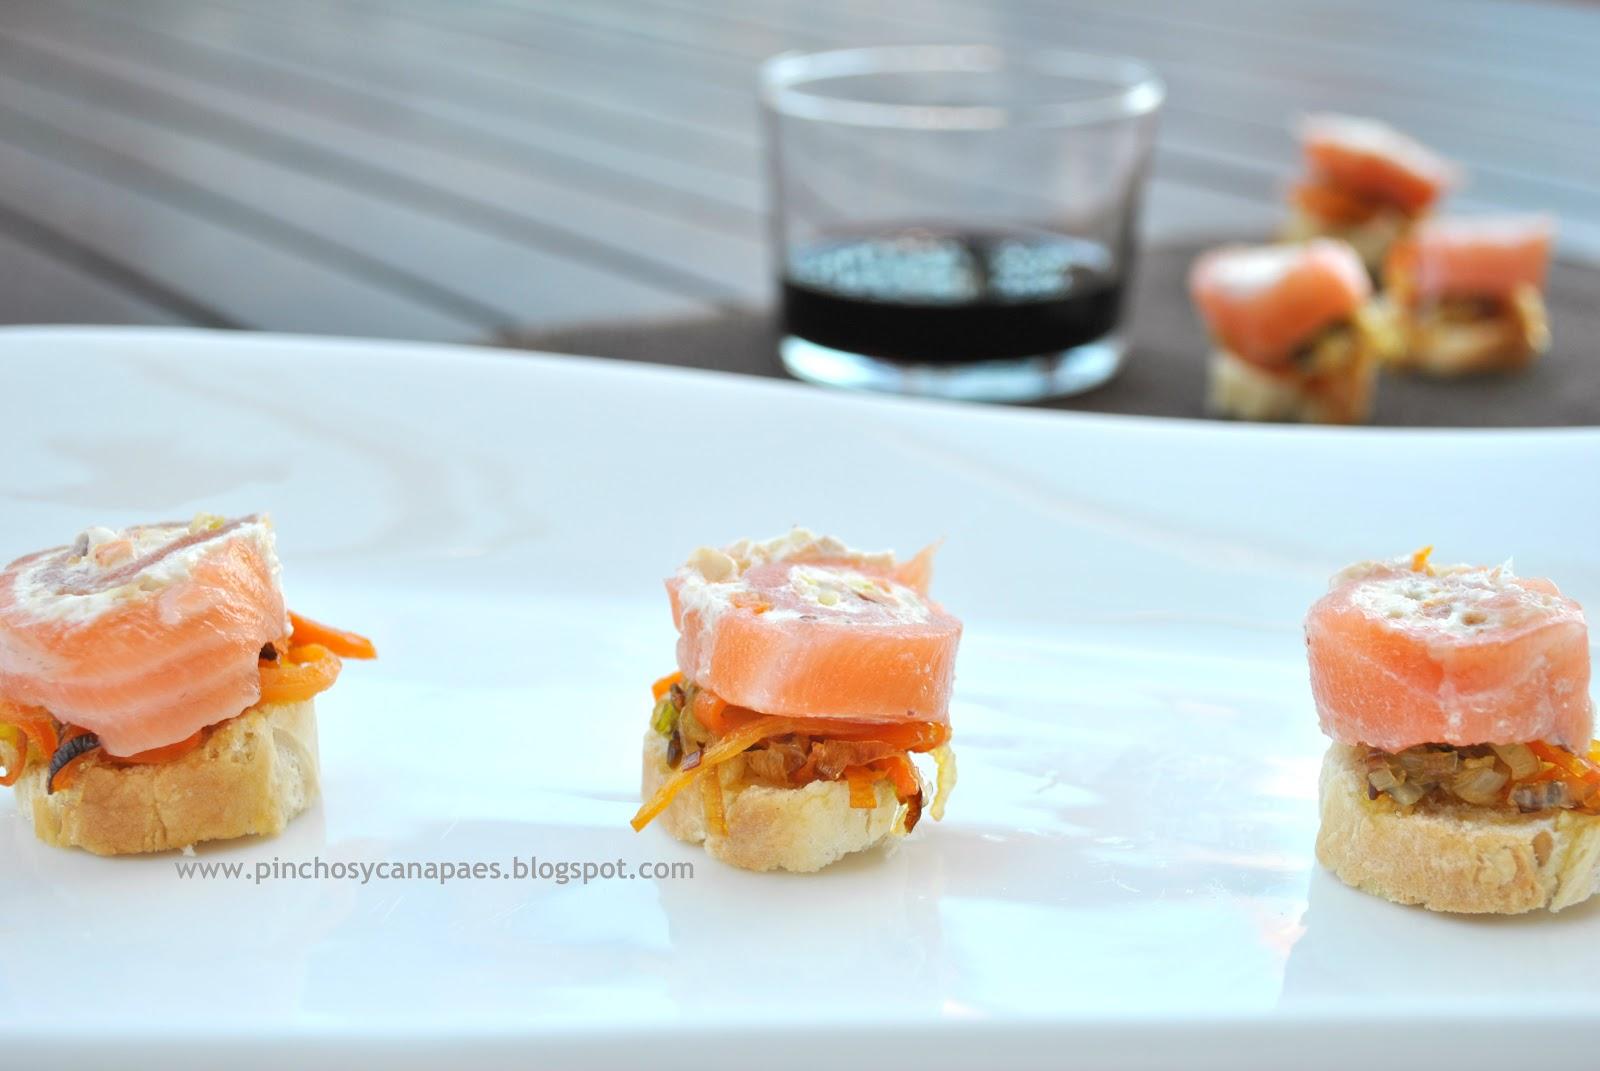 Canap s de salm n ahumado con queso philadelphia y for Canape de salmon